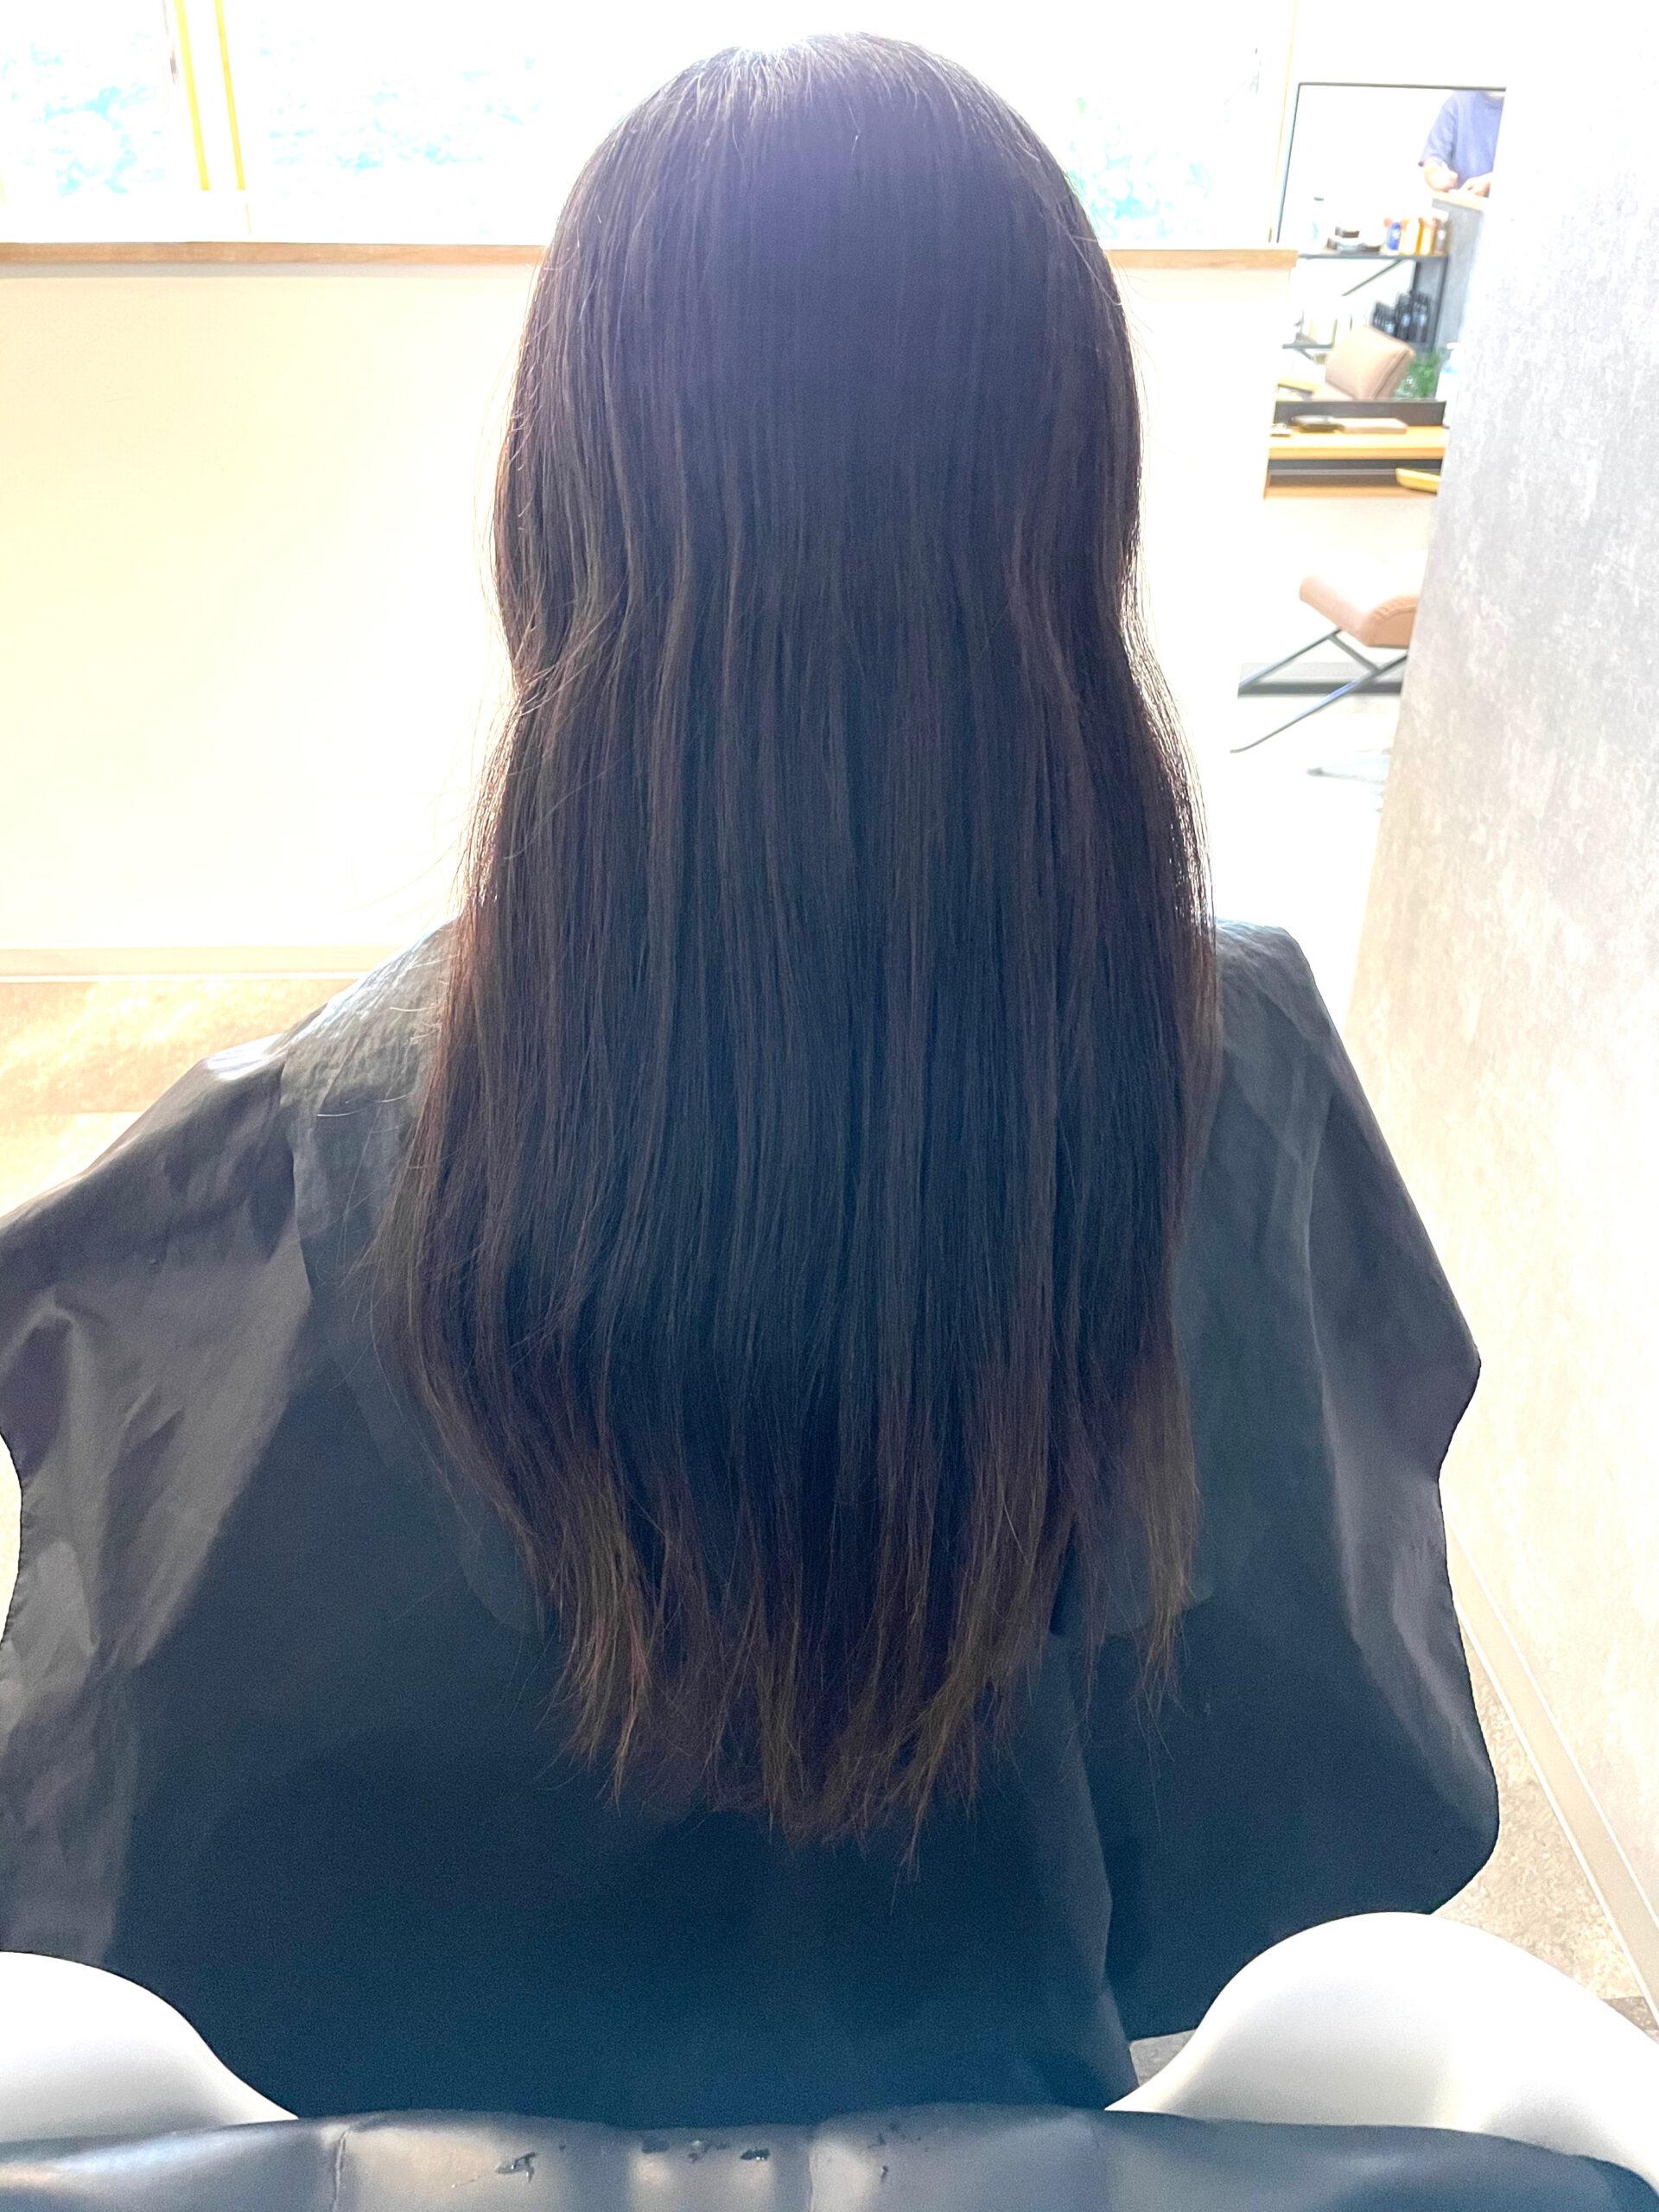 大分県別府市 髪質改善トリートメントでツヤツヤ、サラサラ、扱いやすい髪質に ビフォー